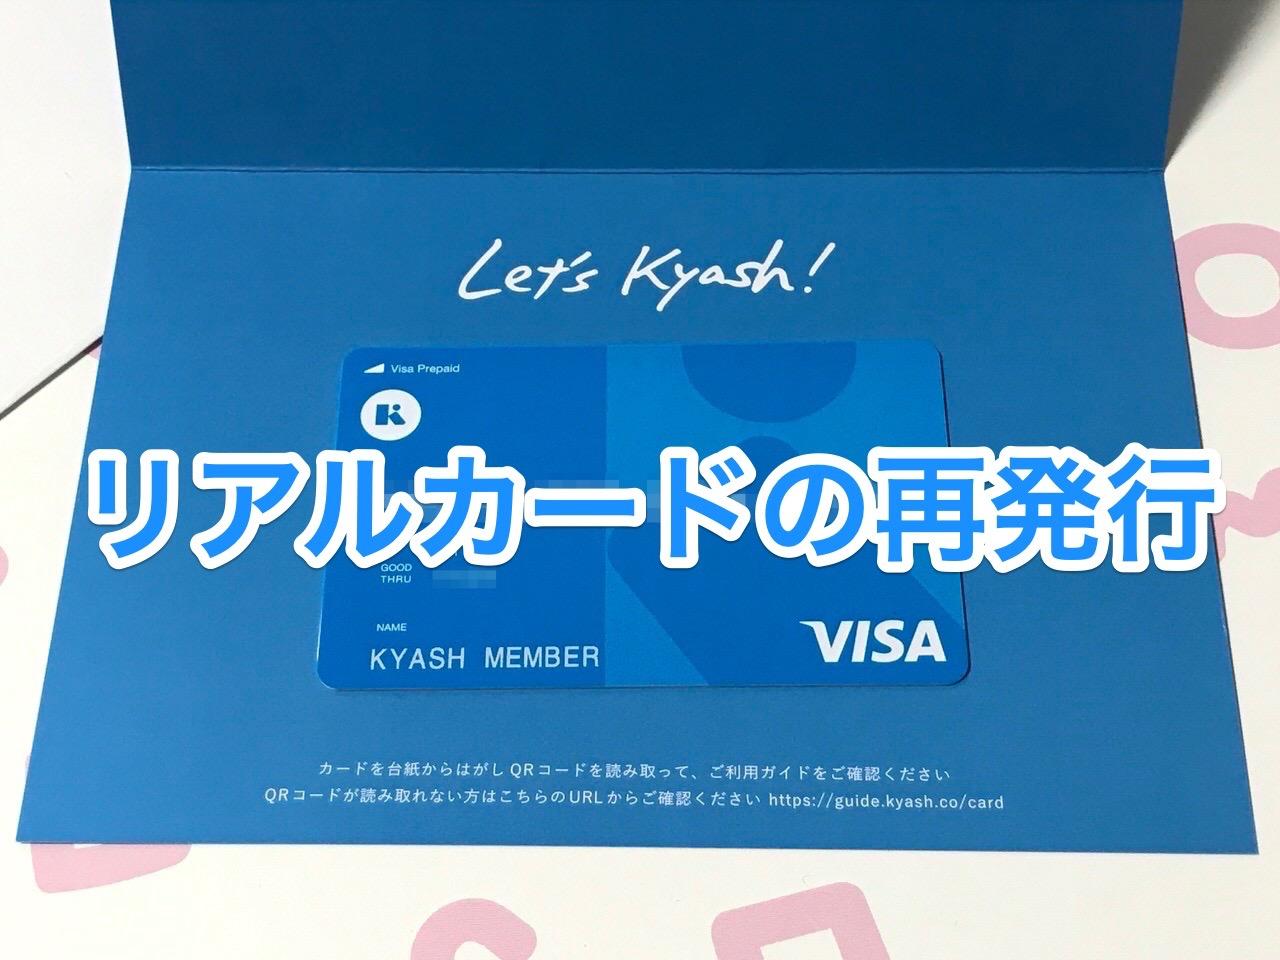 【Kyash】リアルカードの再発行